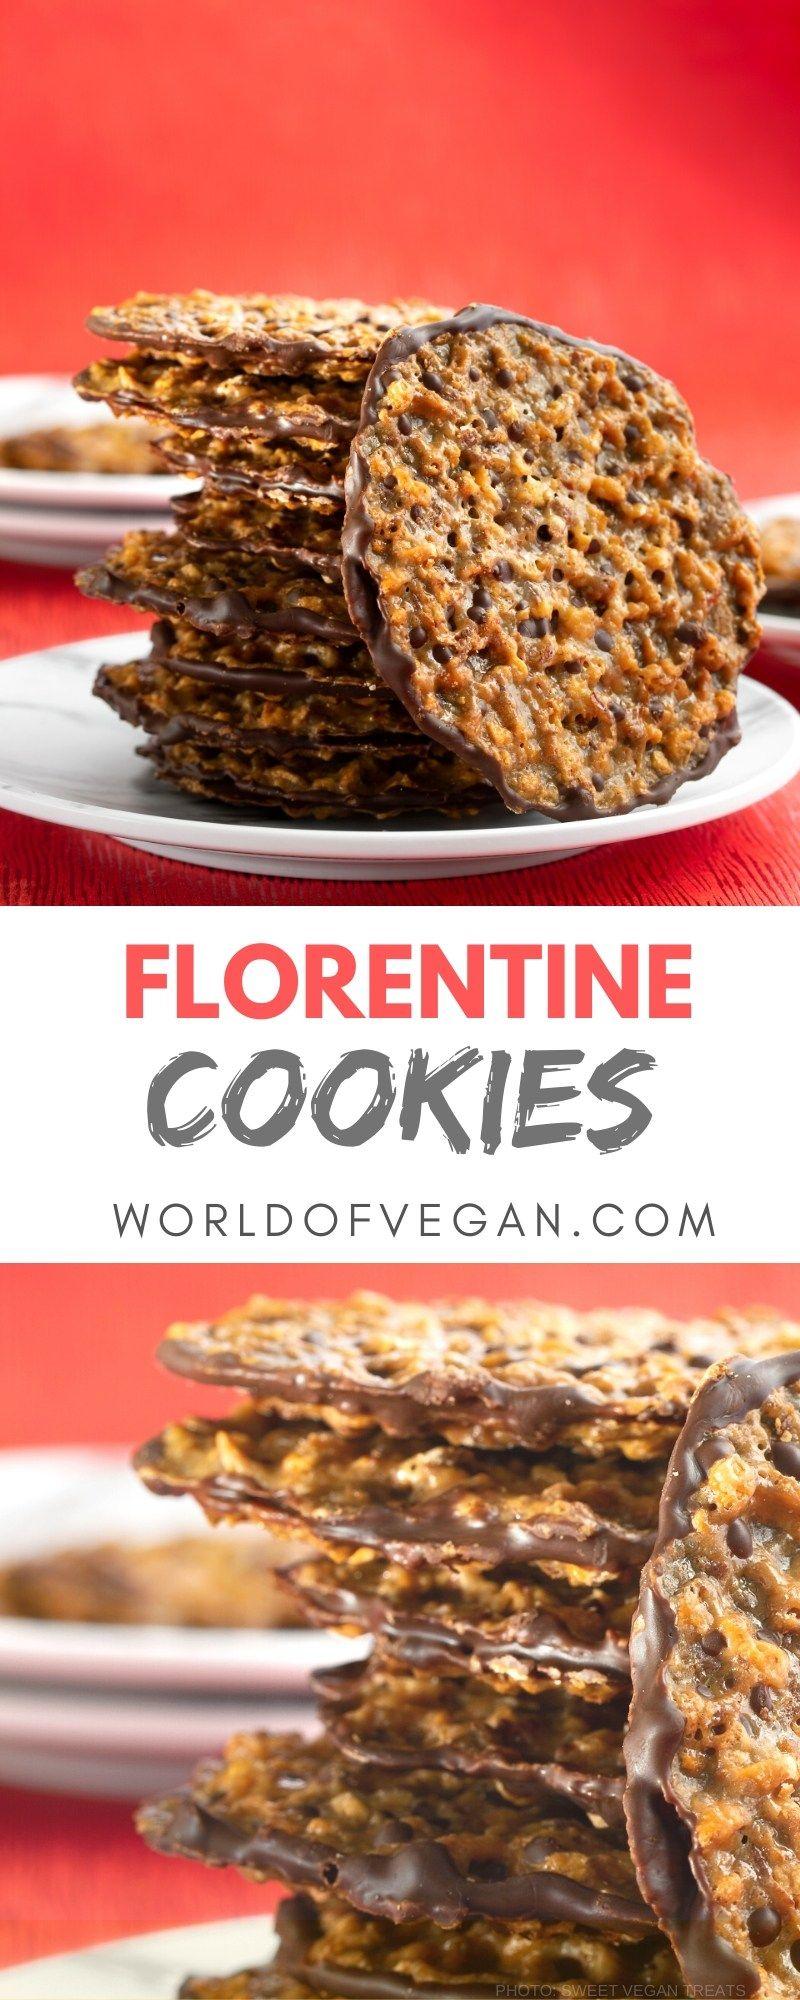 Vegan Vegan Florentine Cookies  World of Vegan